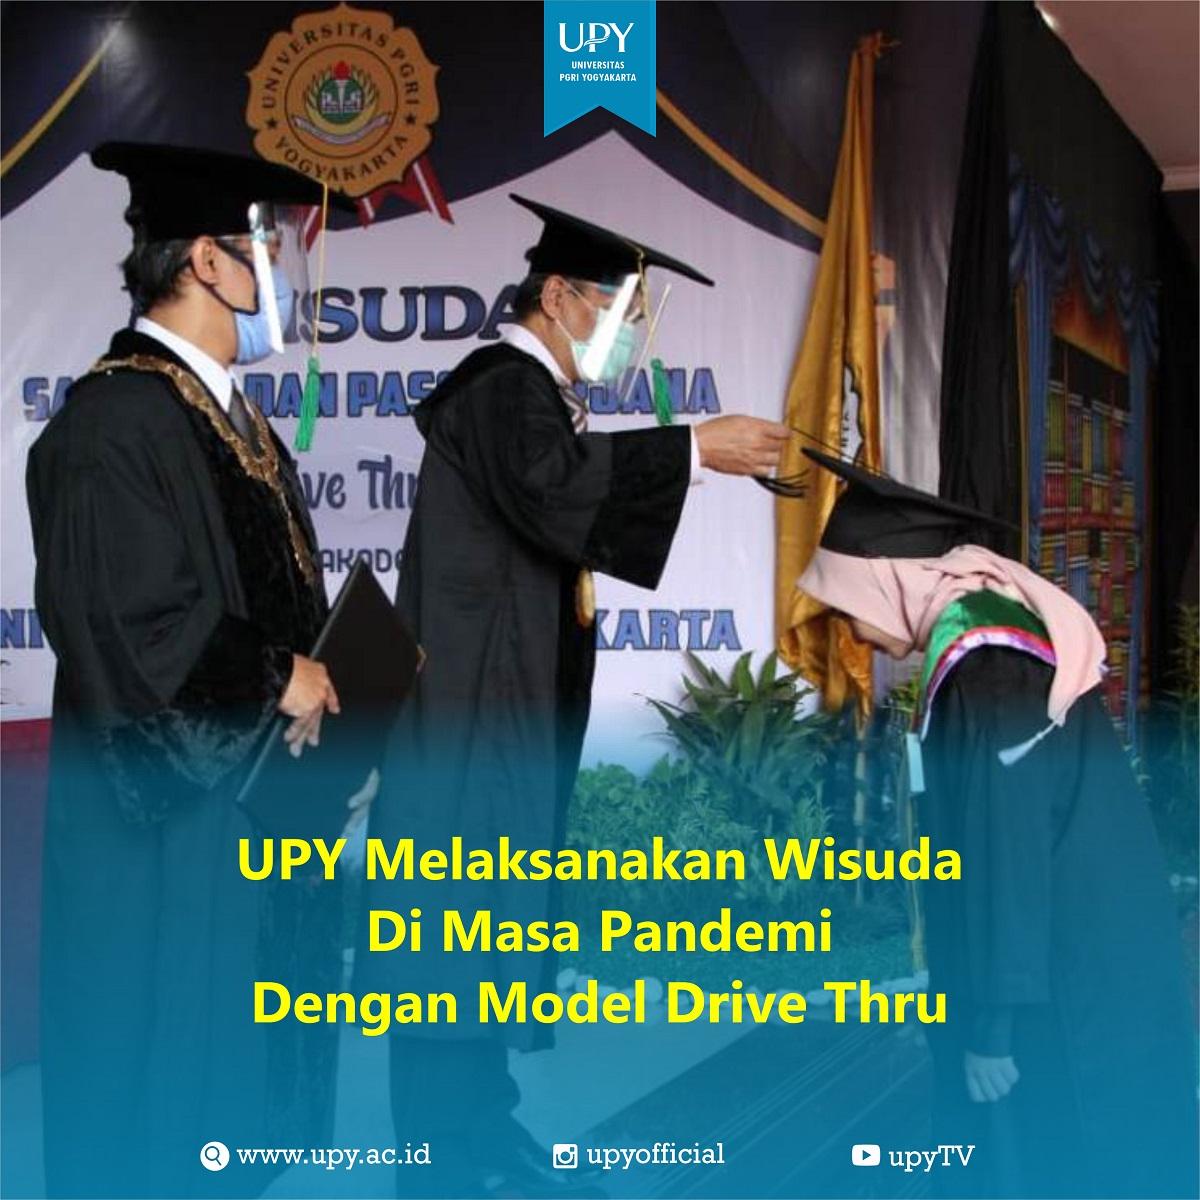 UPY Melaksanakan Wisuda Dengan Model Drive Thru